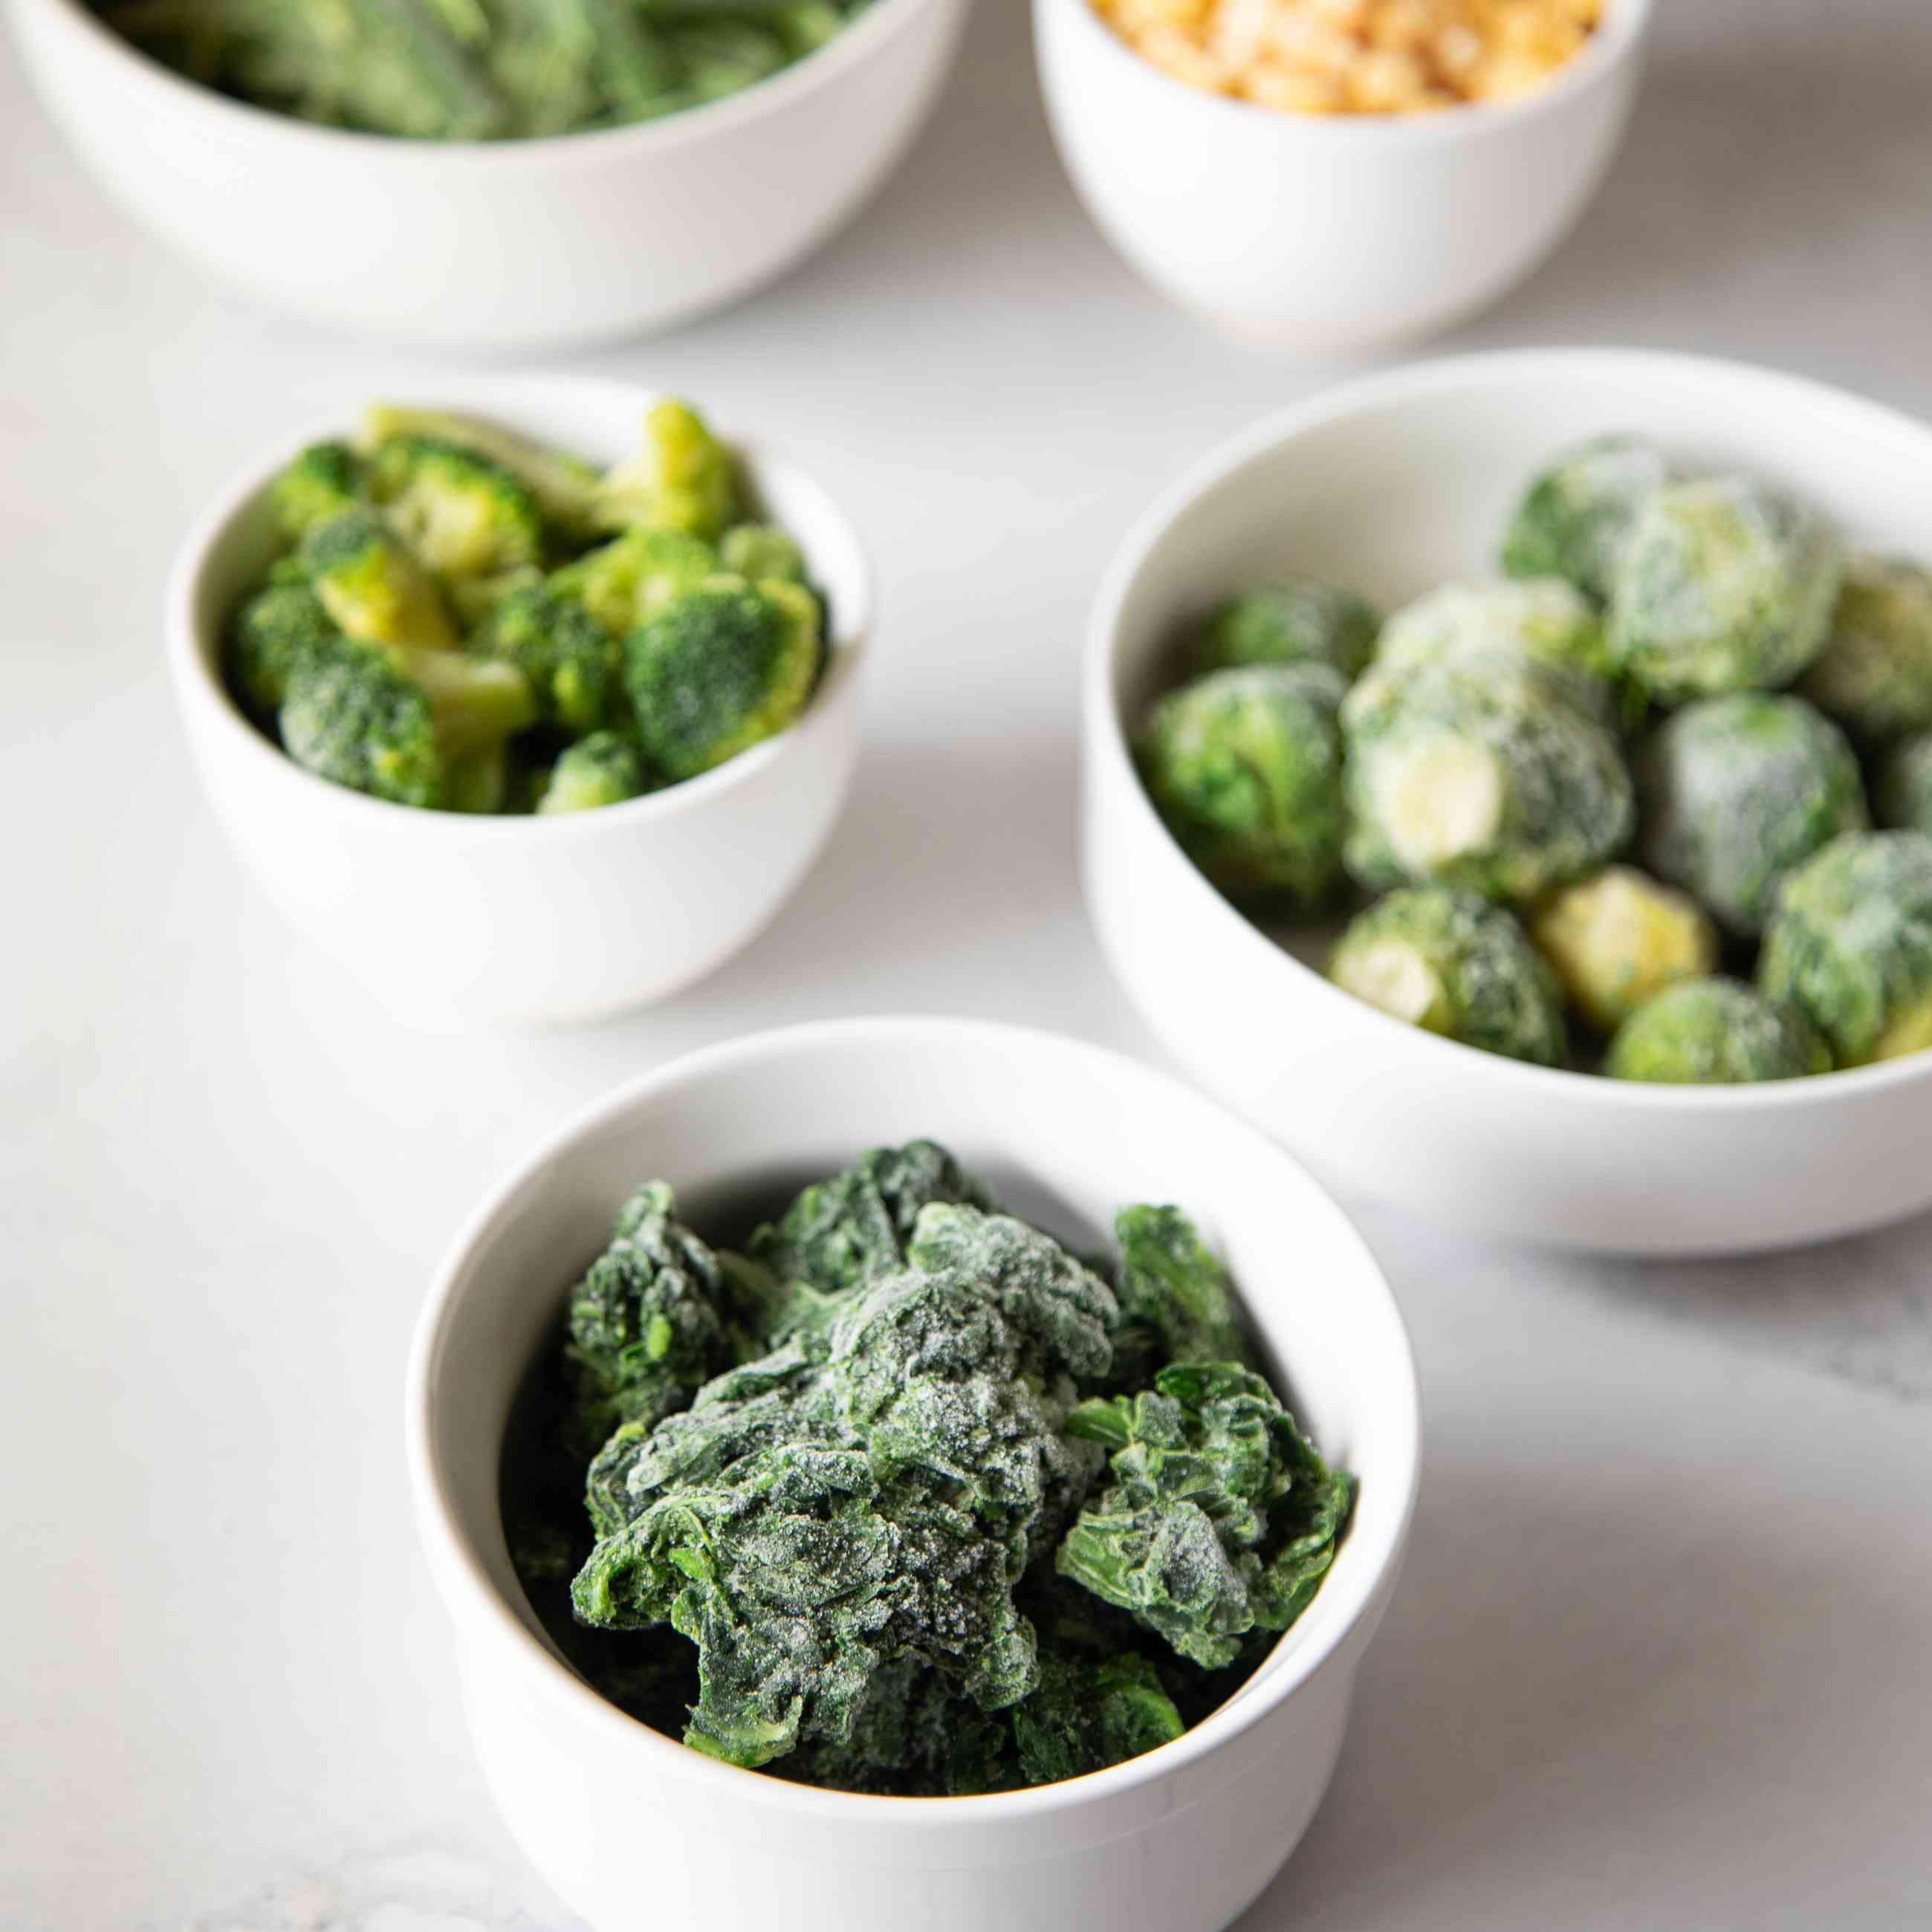 Frozen vegetables in white ramekin bowls